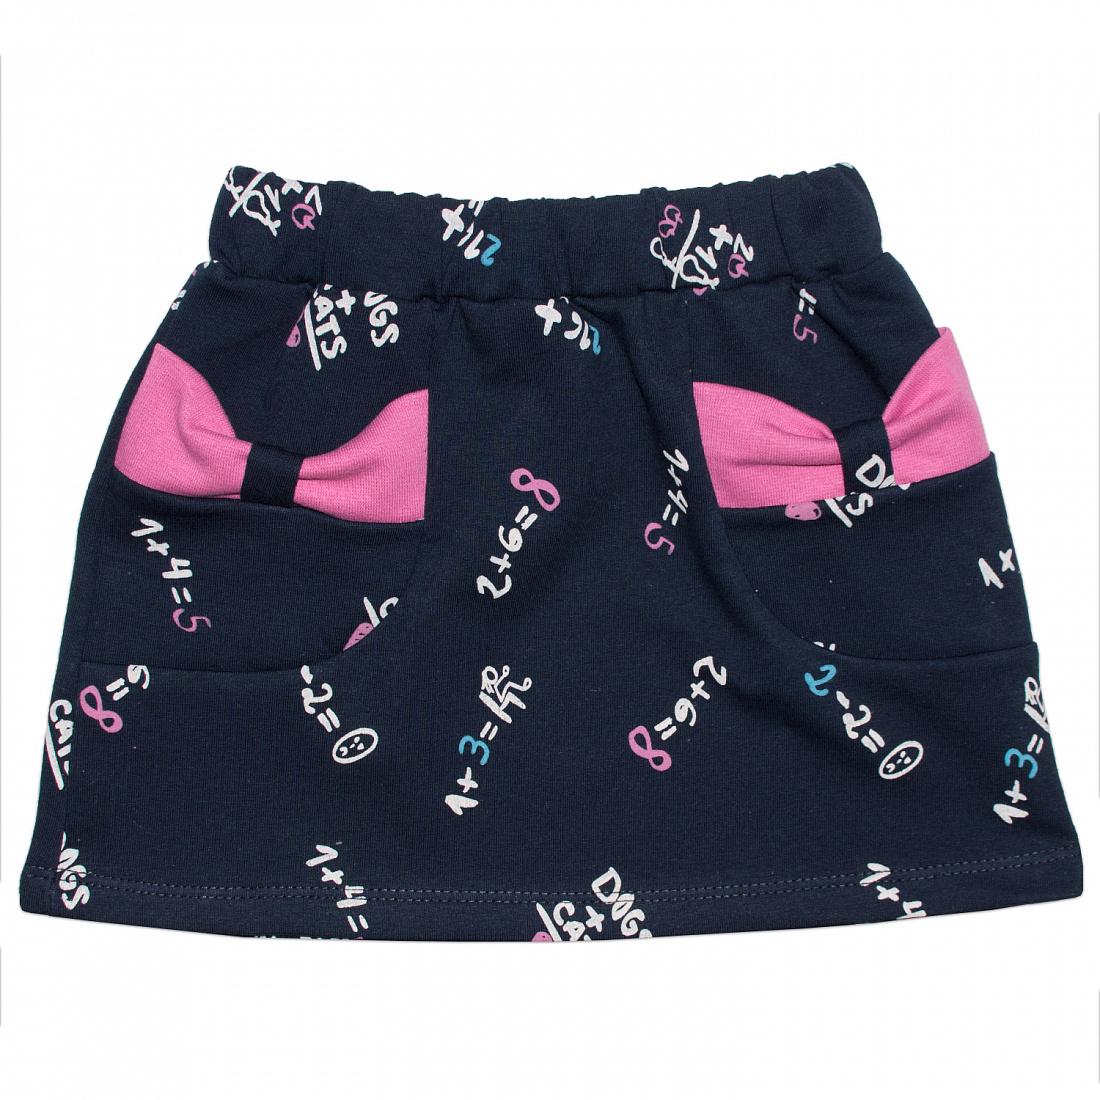 af826991aa4 Детские юбки для девочек — купить недорого в Владивостоке